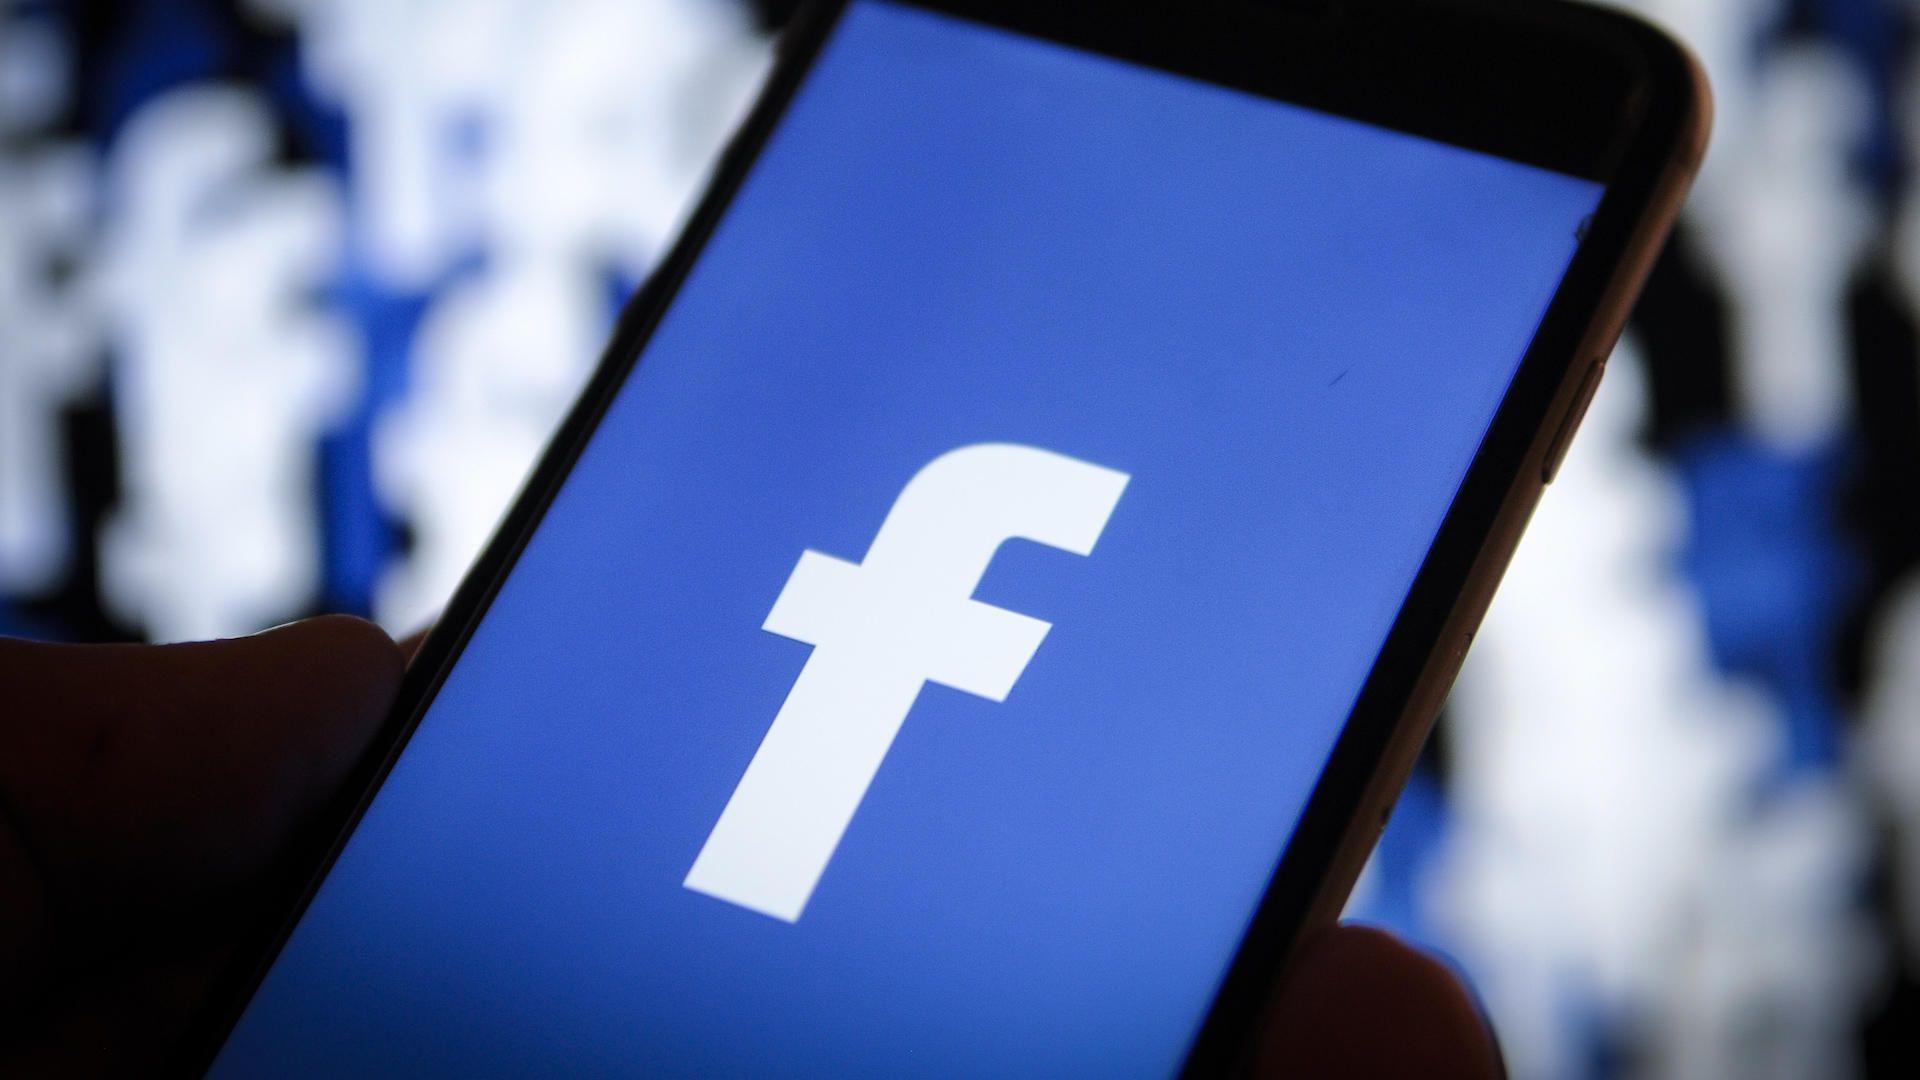 科技早闻:新版iPhone支持双卡;脸书用AI检测仇恨言论